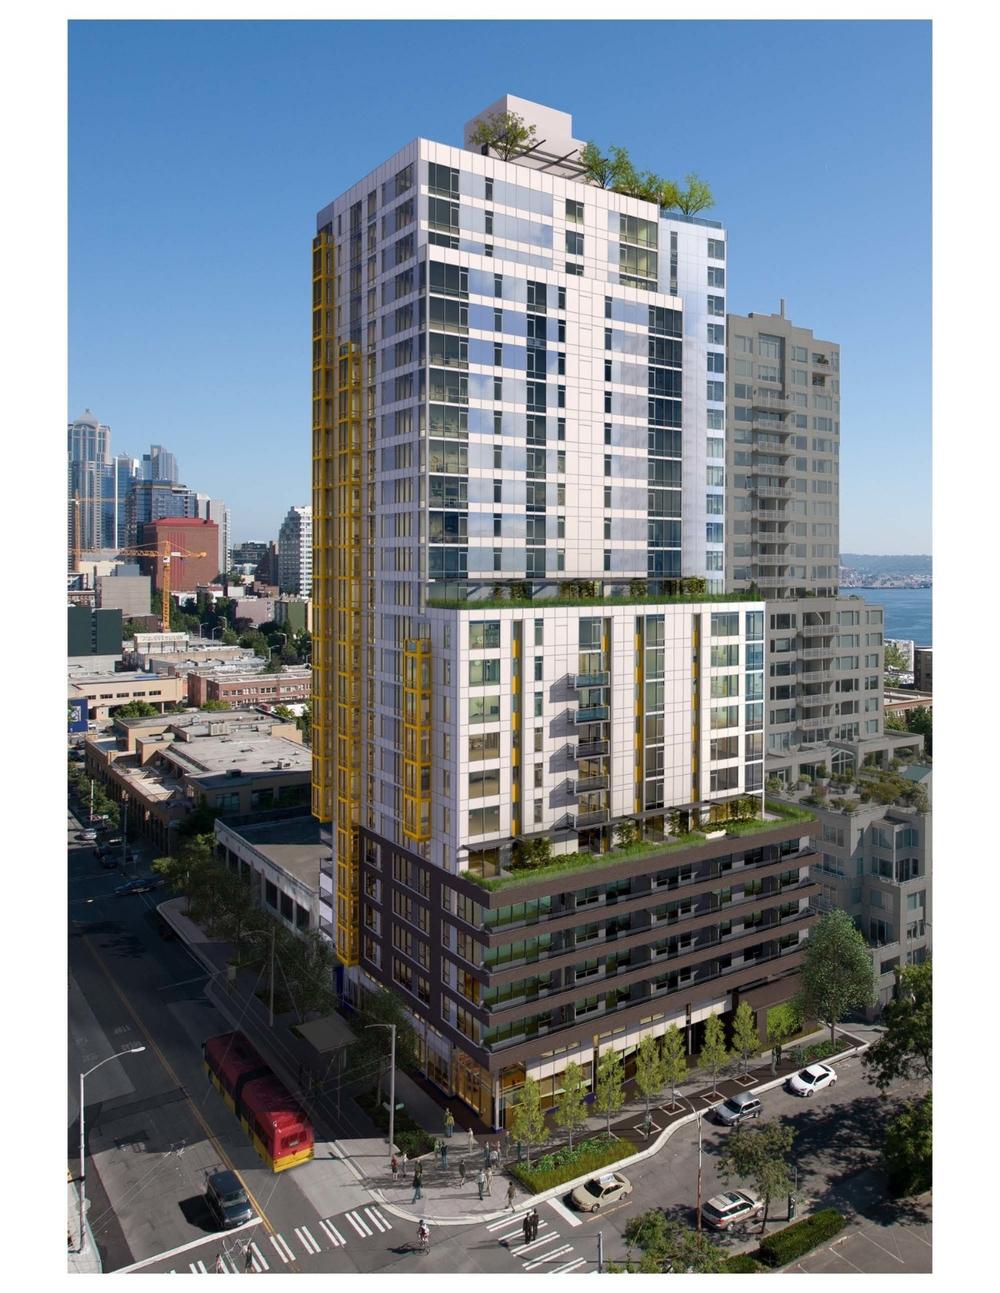 225 Cedar St - Hewitt Architects